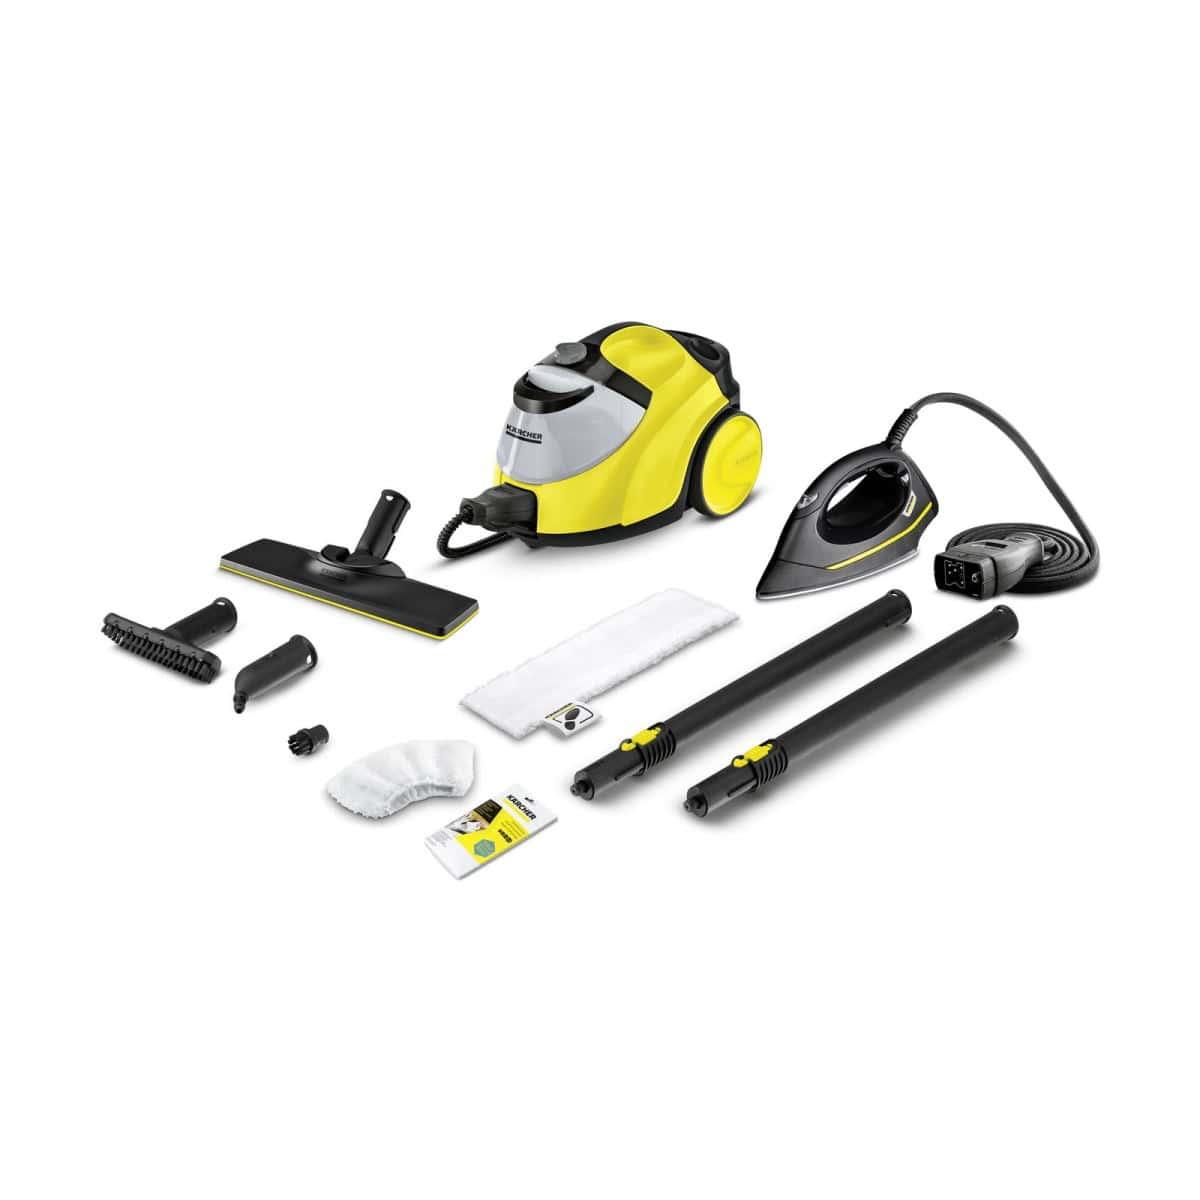 Curățitor cu abur Karcher SC 5 EasyFix Iron 15125360